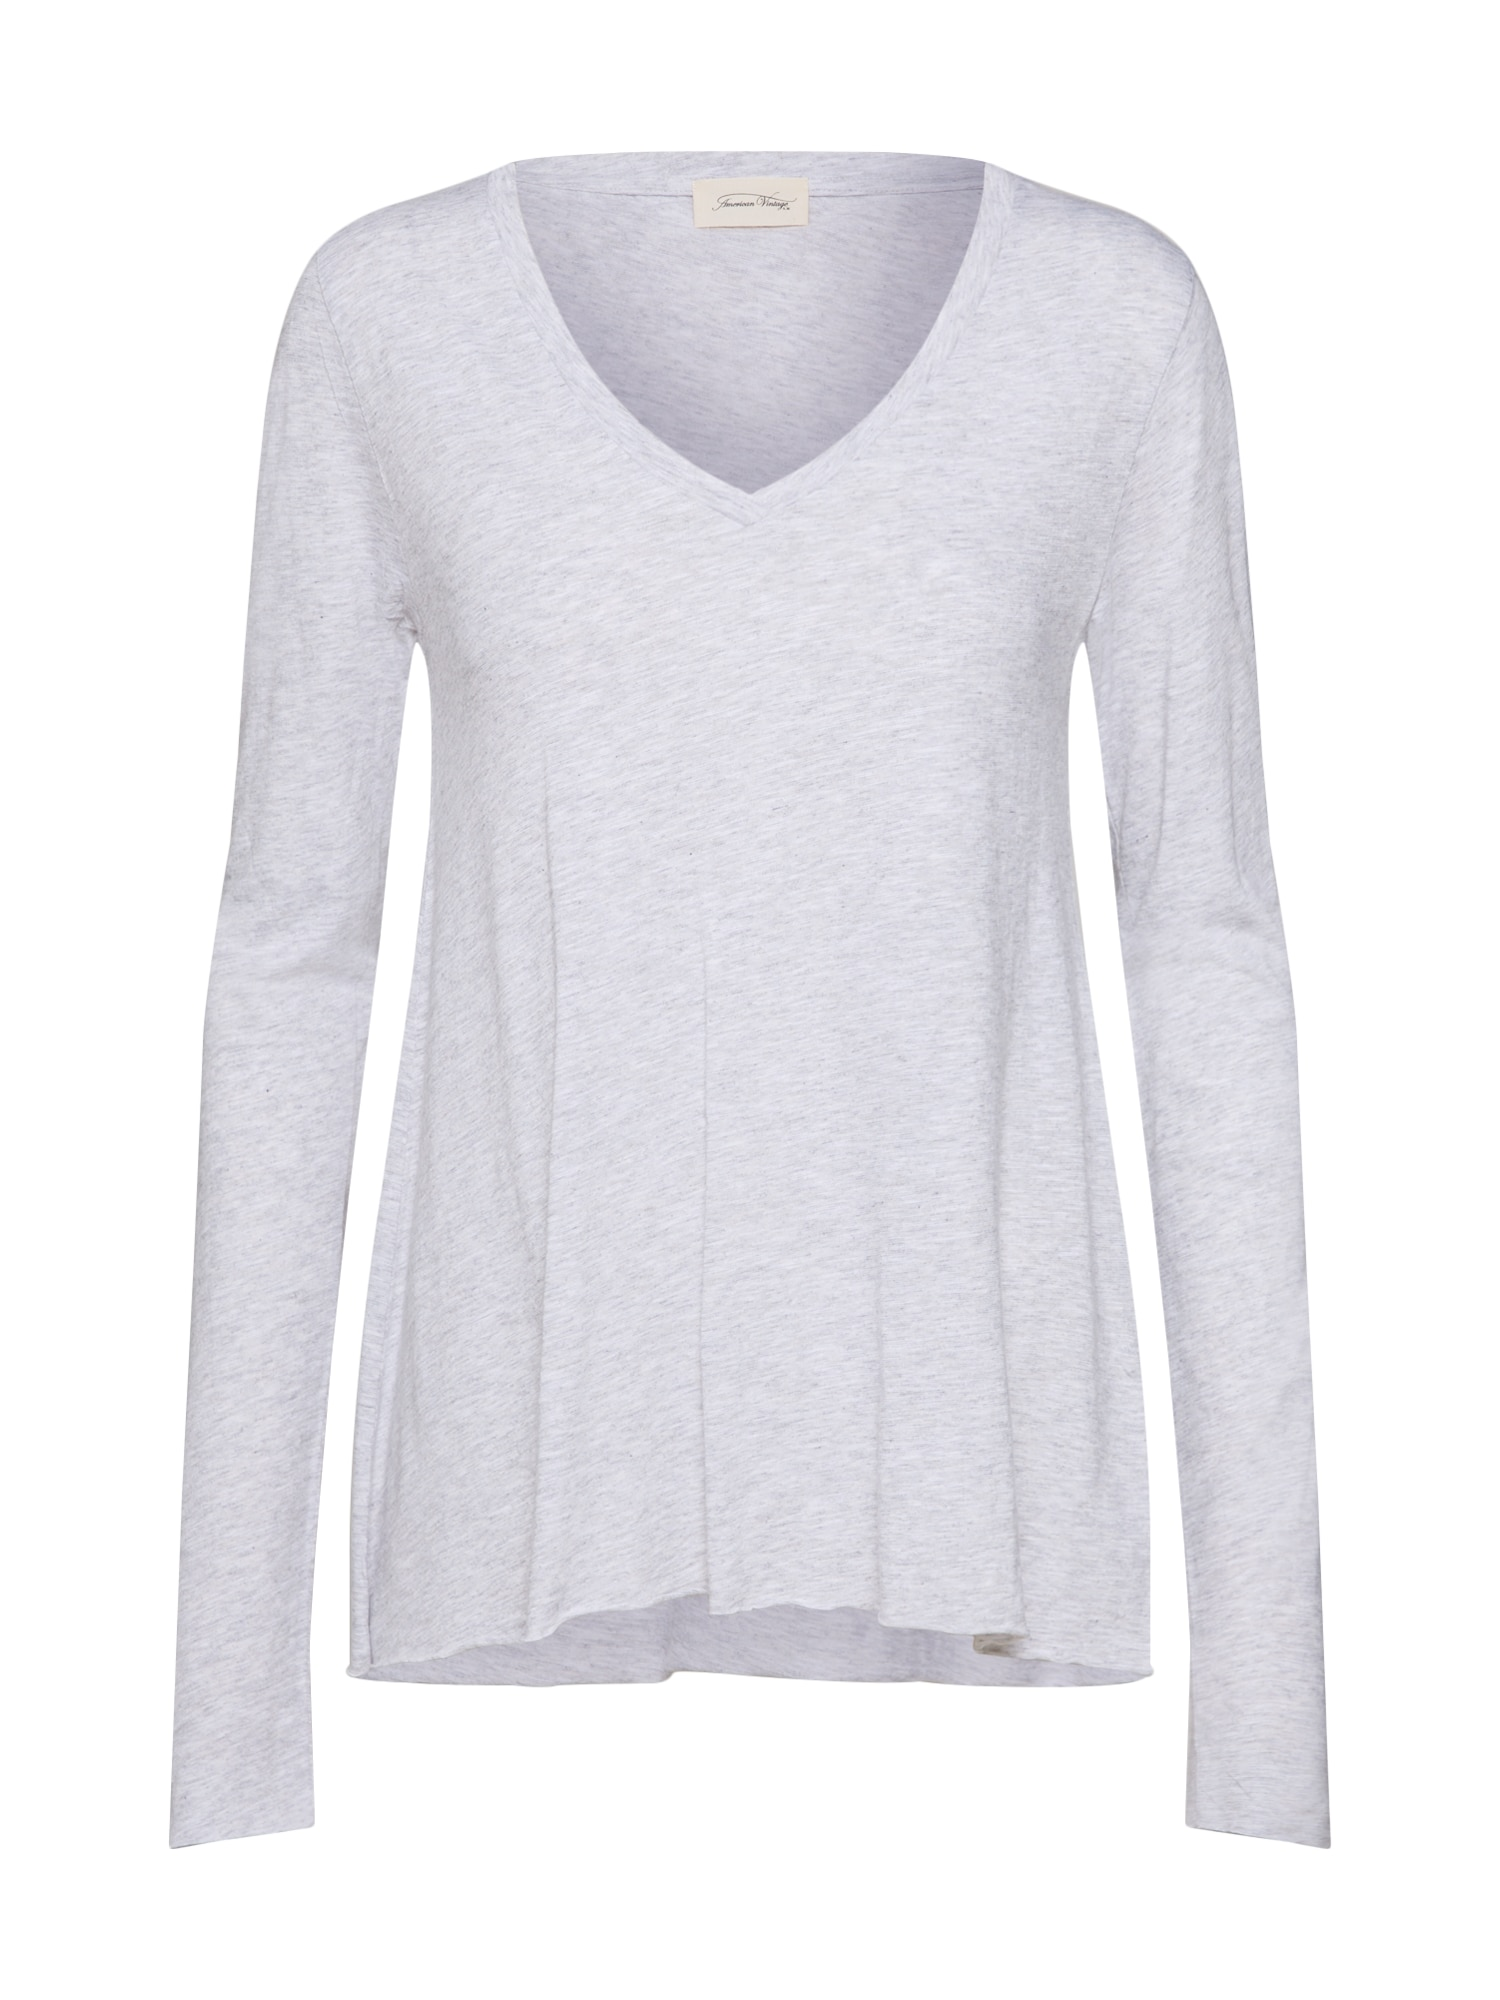 AMERICAN VINTAGE Marškinėliai margai pilka